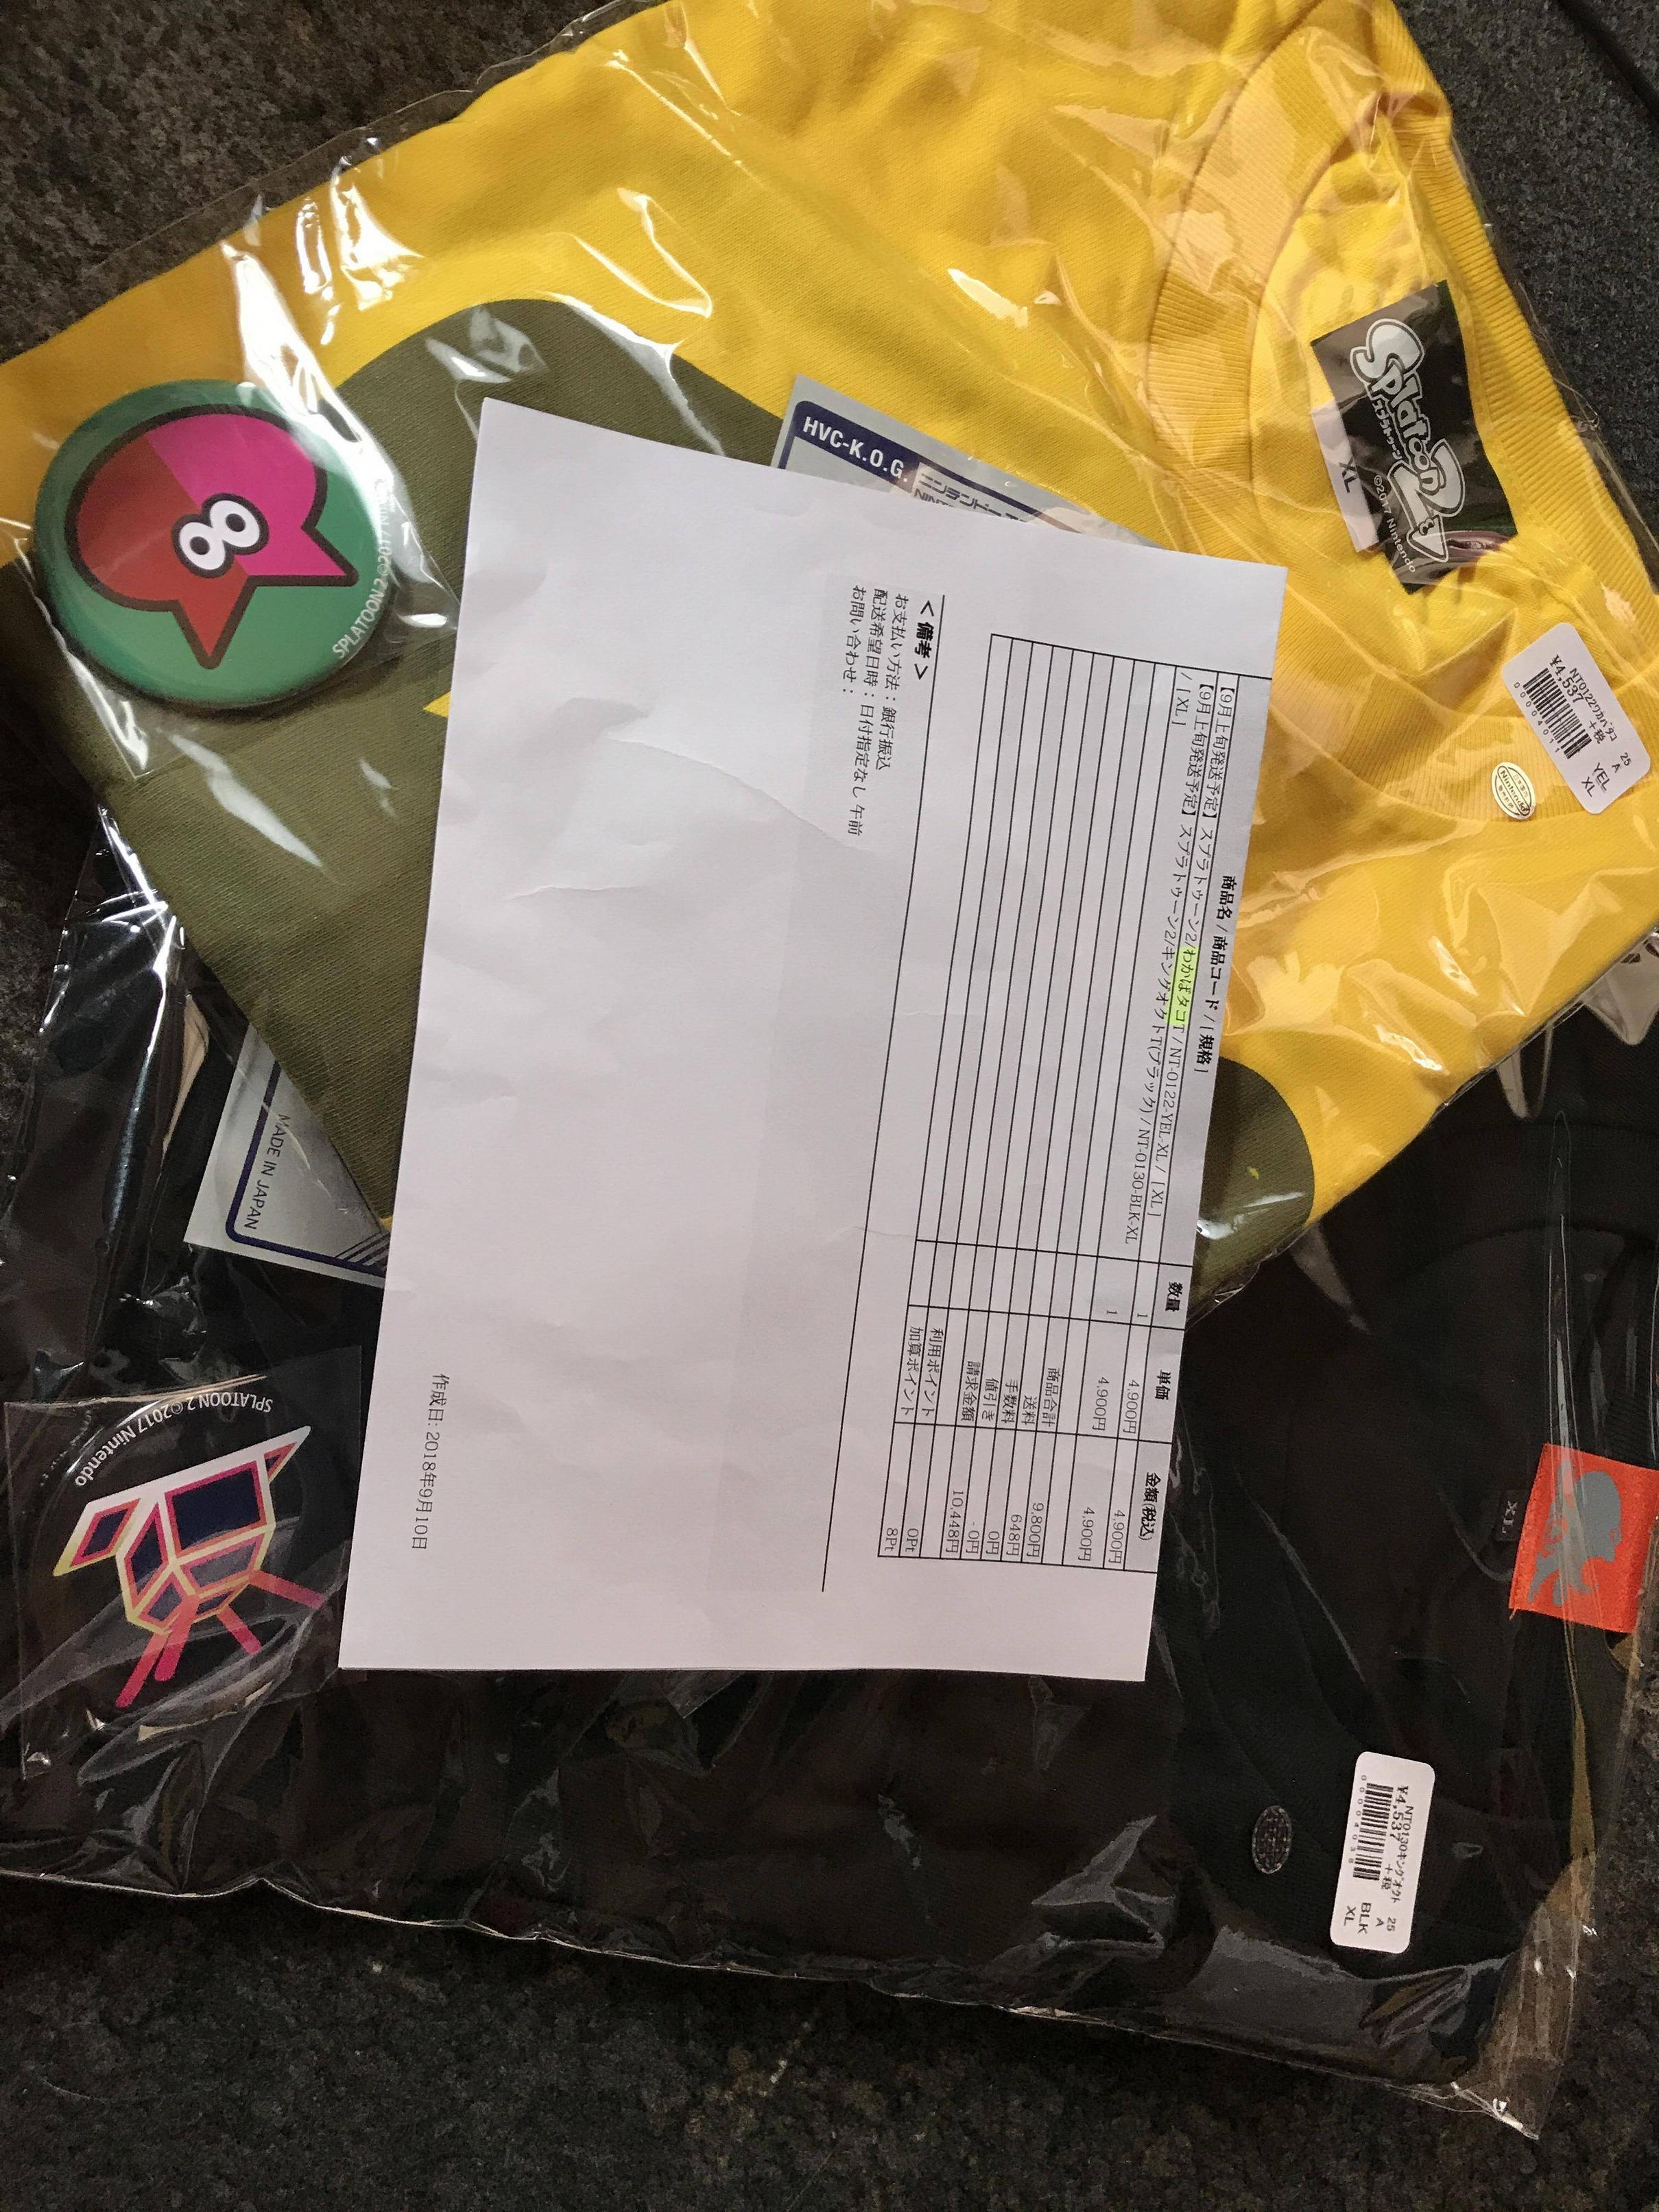 Hi2vbAa - 【朗報】PS4のロゴをあしらったTシャツとジージャンが格好良すぎる件